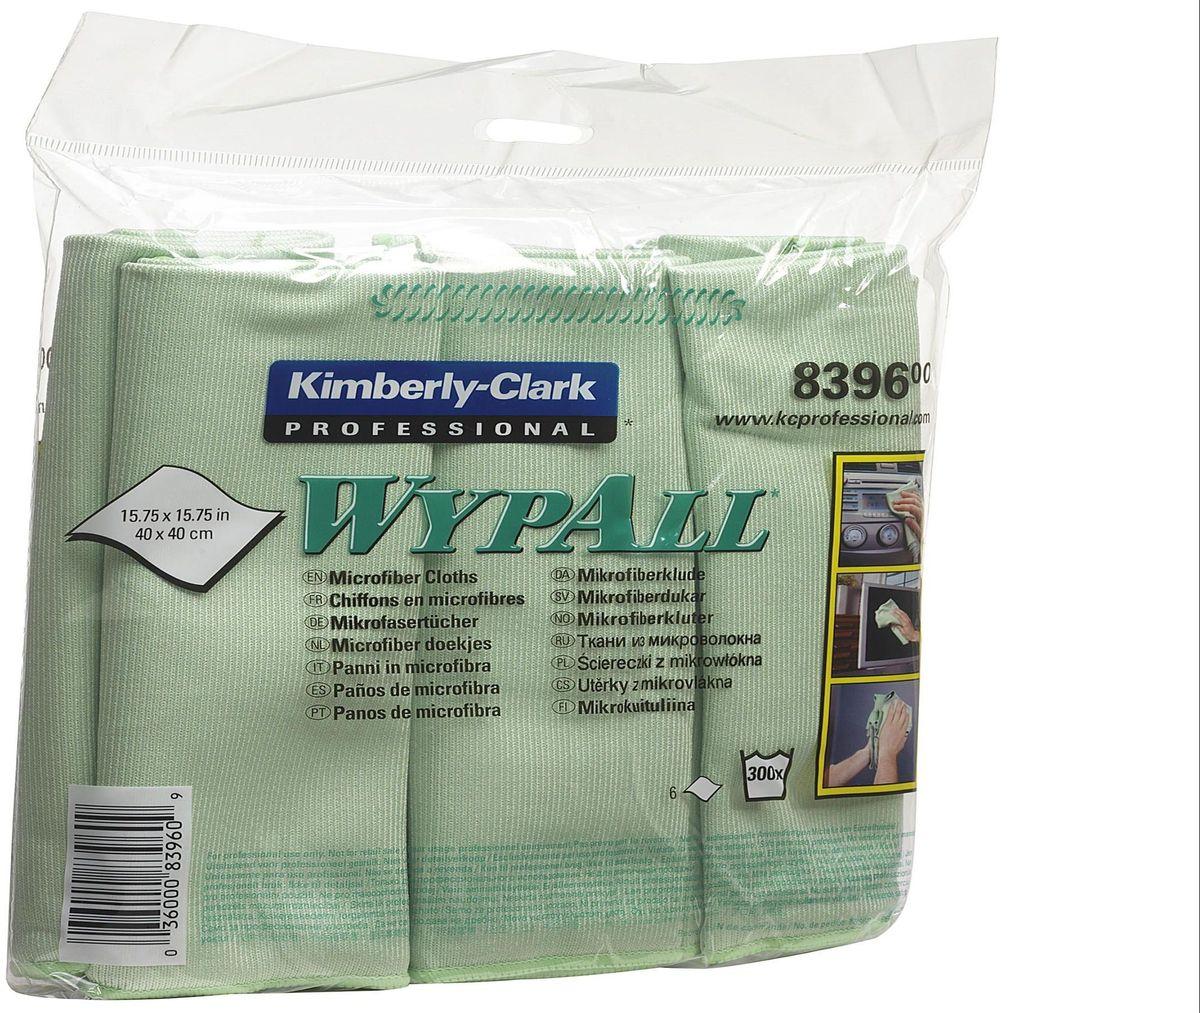 Салфетка для уборки Wypall, универсальная, цвет: зеленый, 40 х 40 см, 24 шт8396Универсальная салфетка Wypall, выполненная из микрофибры, уменьшает риск перекрестного загрязнения, обеспечивает очистку без применения химикатов и помогает снизить затраты. Салфетка идеально подходит для очистки рабочих столов и других поверхностей. В комплекте 4 упаковки по 6 салфеток.Размер салфетки: 40 х 40 см.